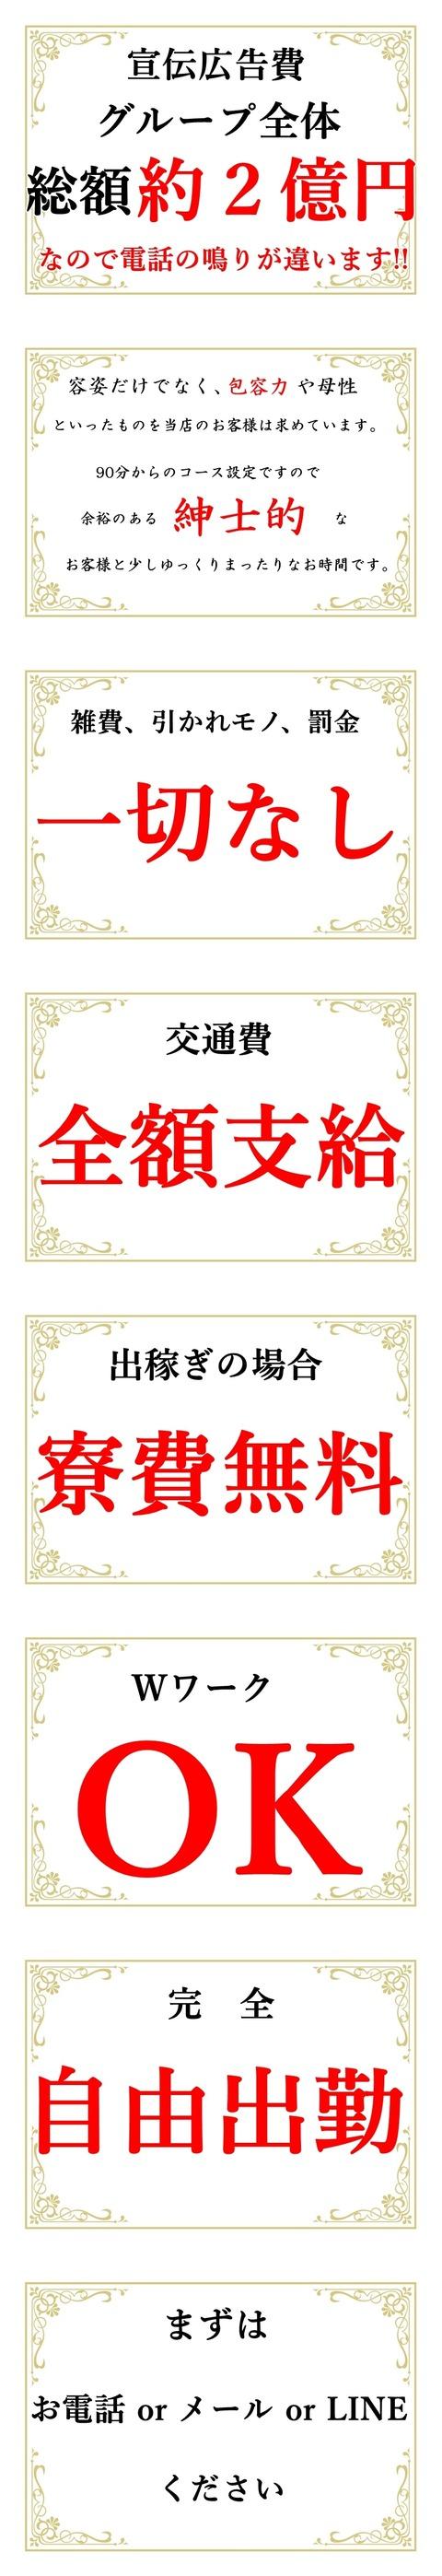 五十路マダム 松江 高収入